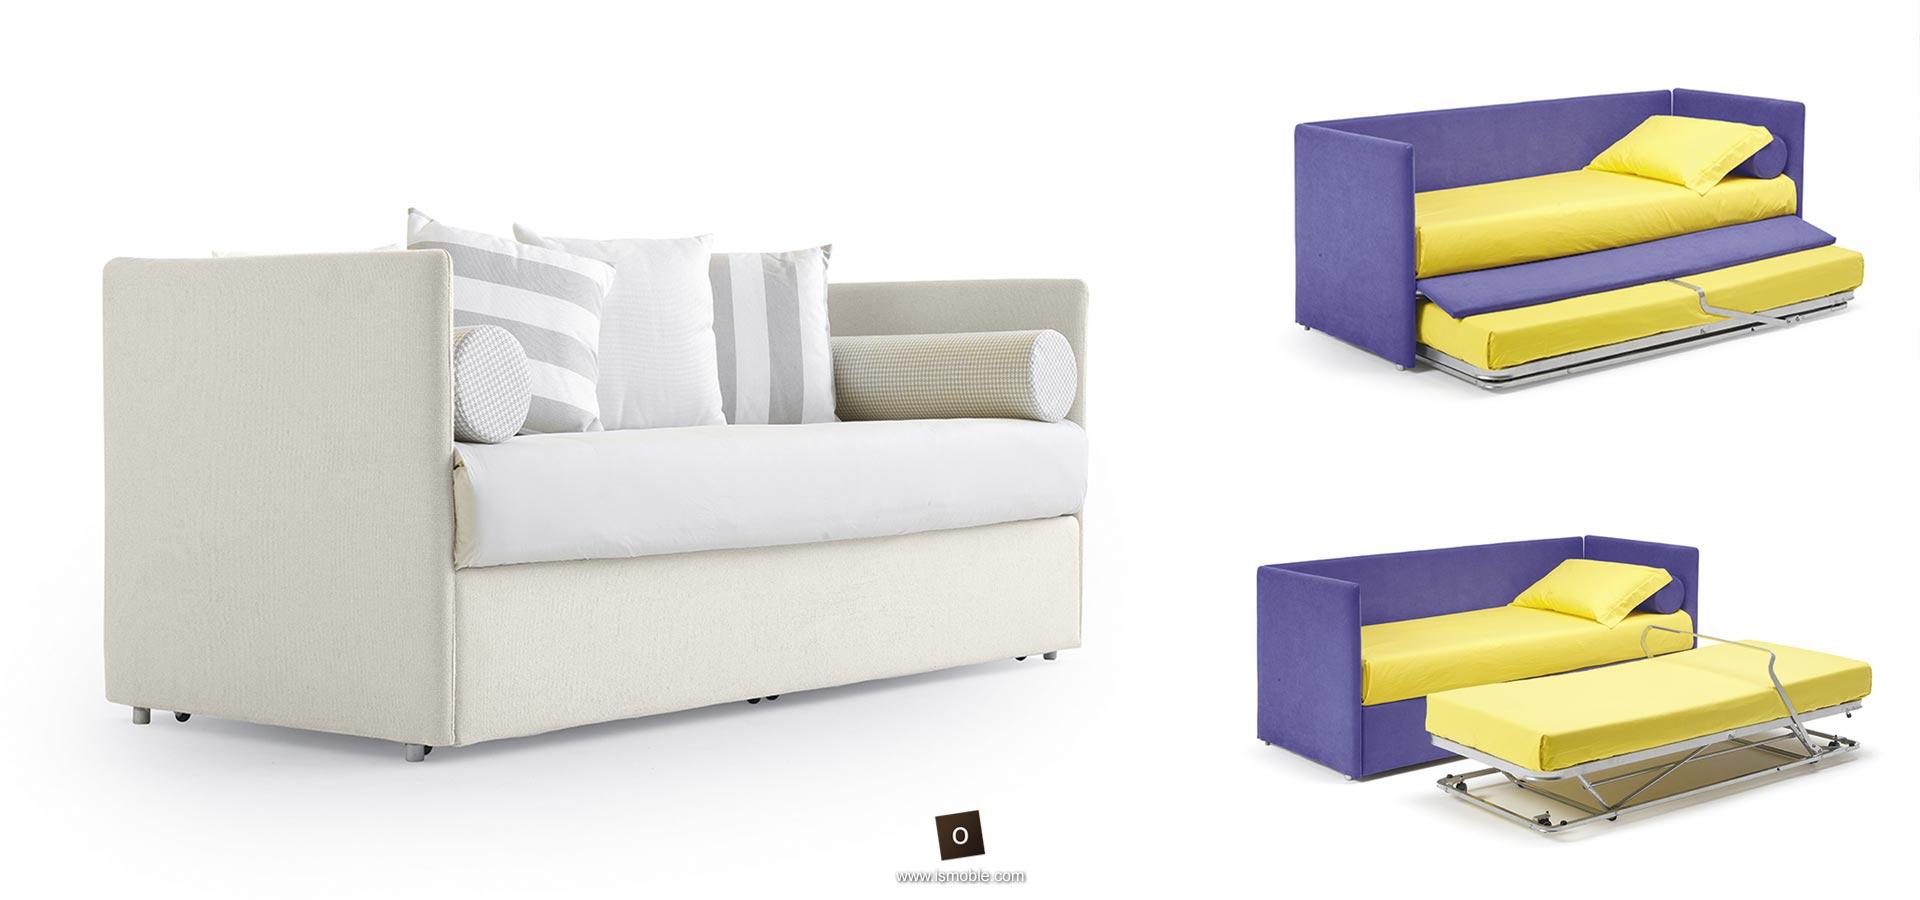 Sof s cama de dise o con patas de madera y diversos - Sofa cama desplegable ...